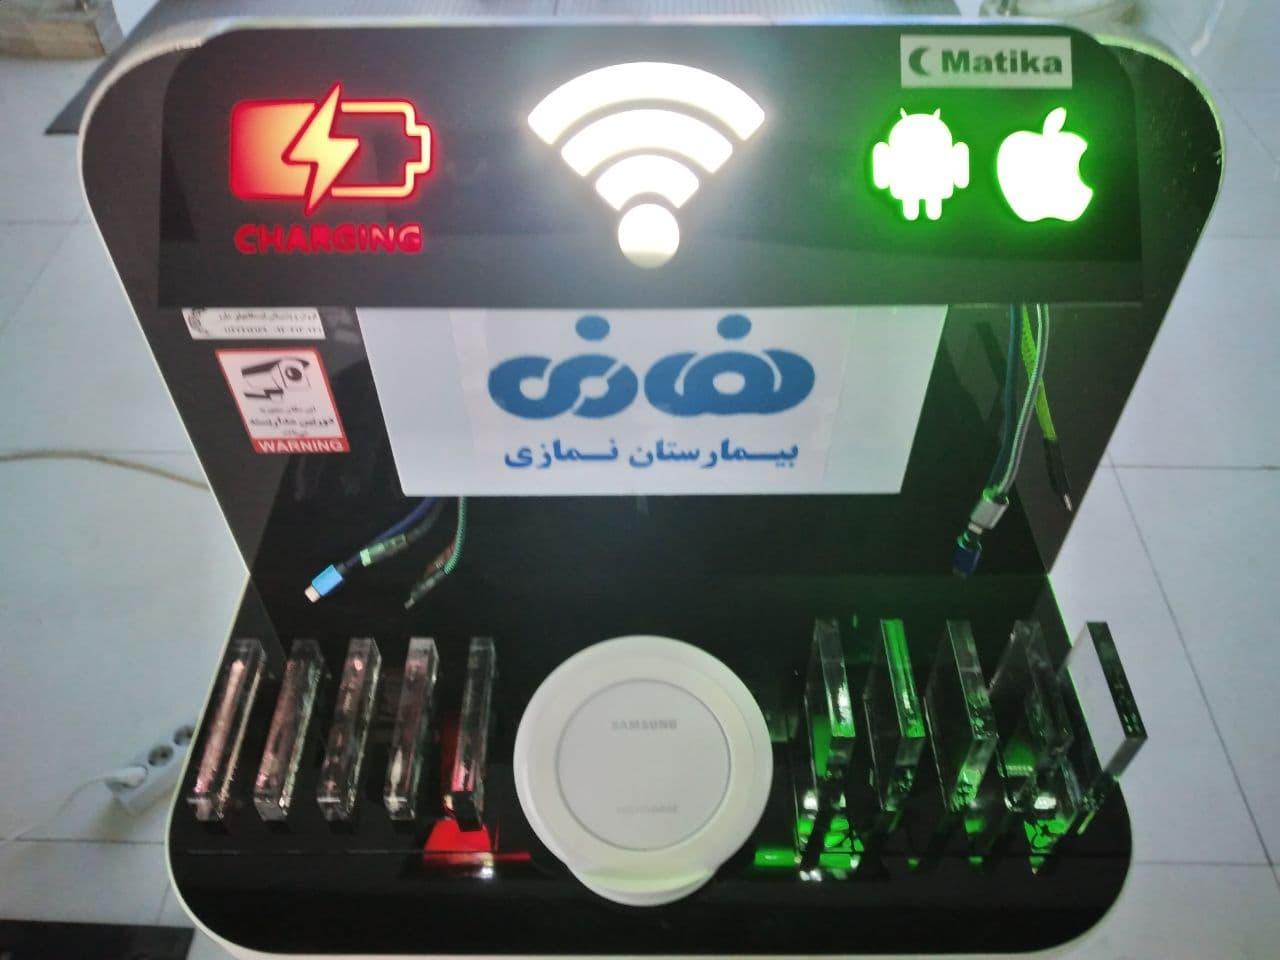 صندوق نذورات--استند شارژر -  ایستگاه شارژر موبایل - استند شارژ